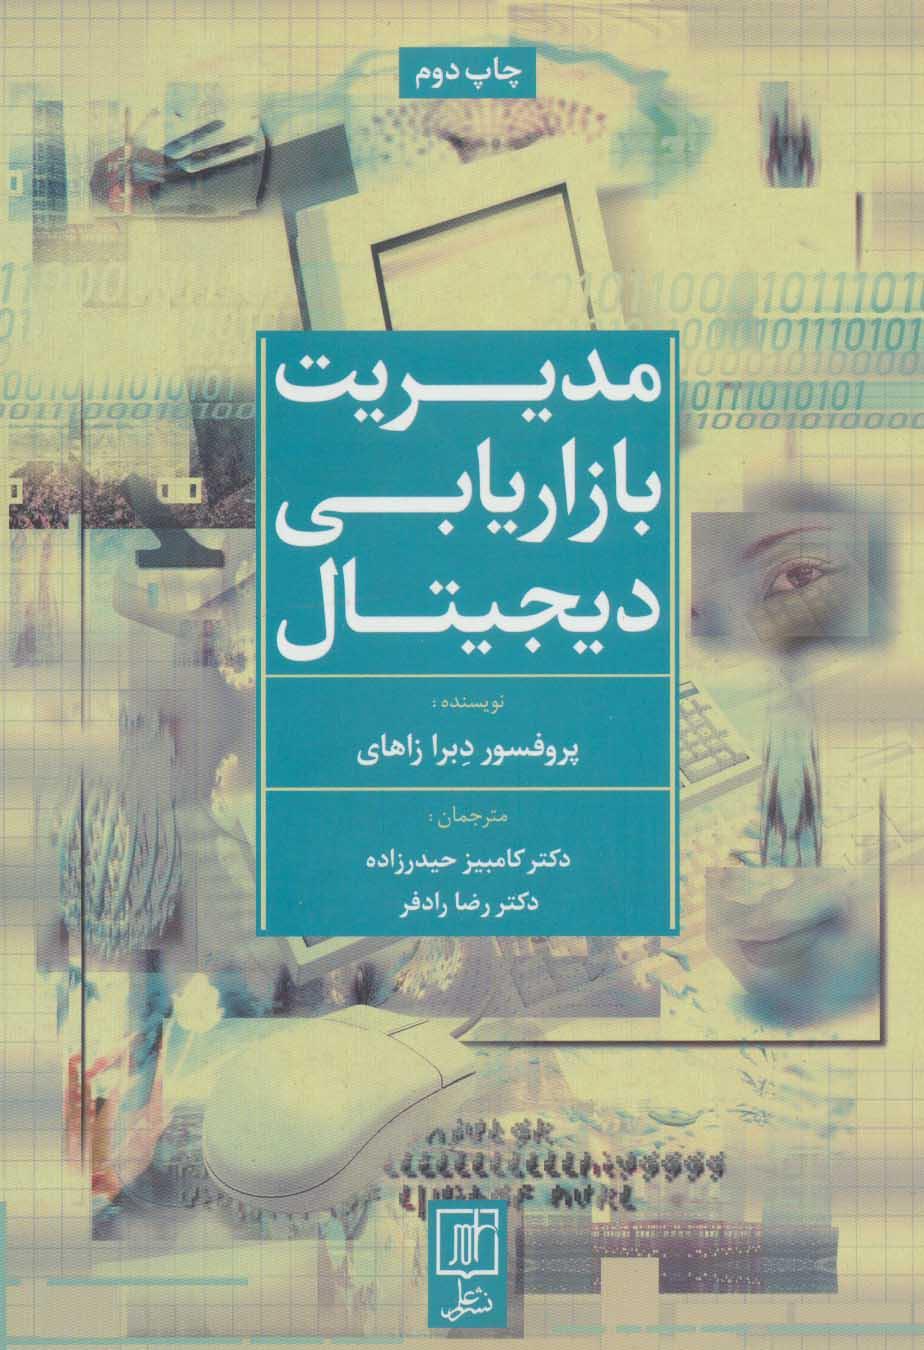 کتاب مدیریت بازاریابی دیجیتال